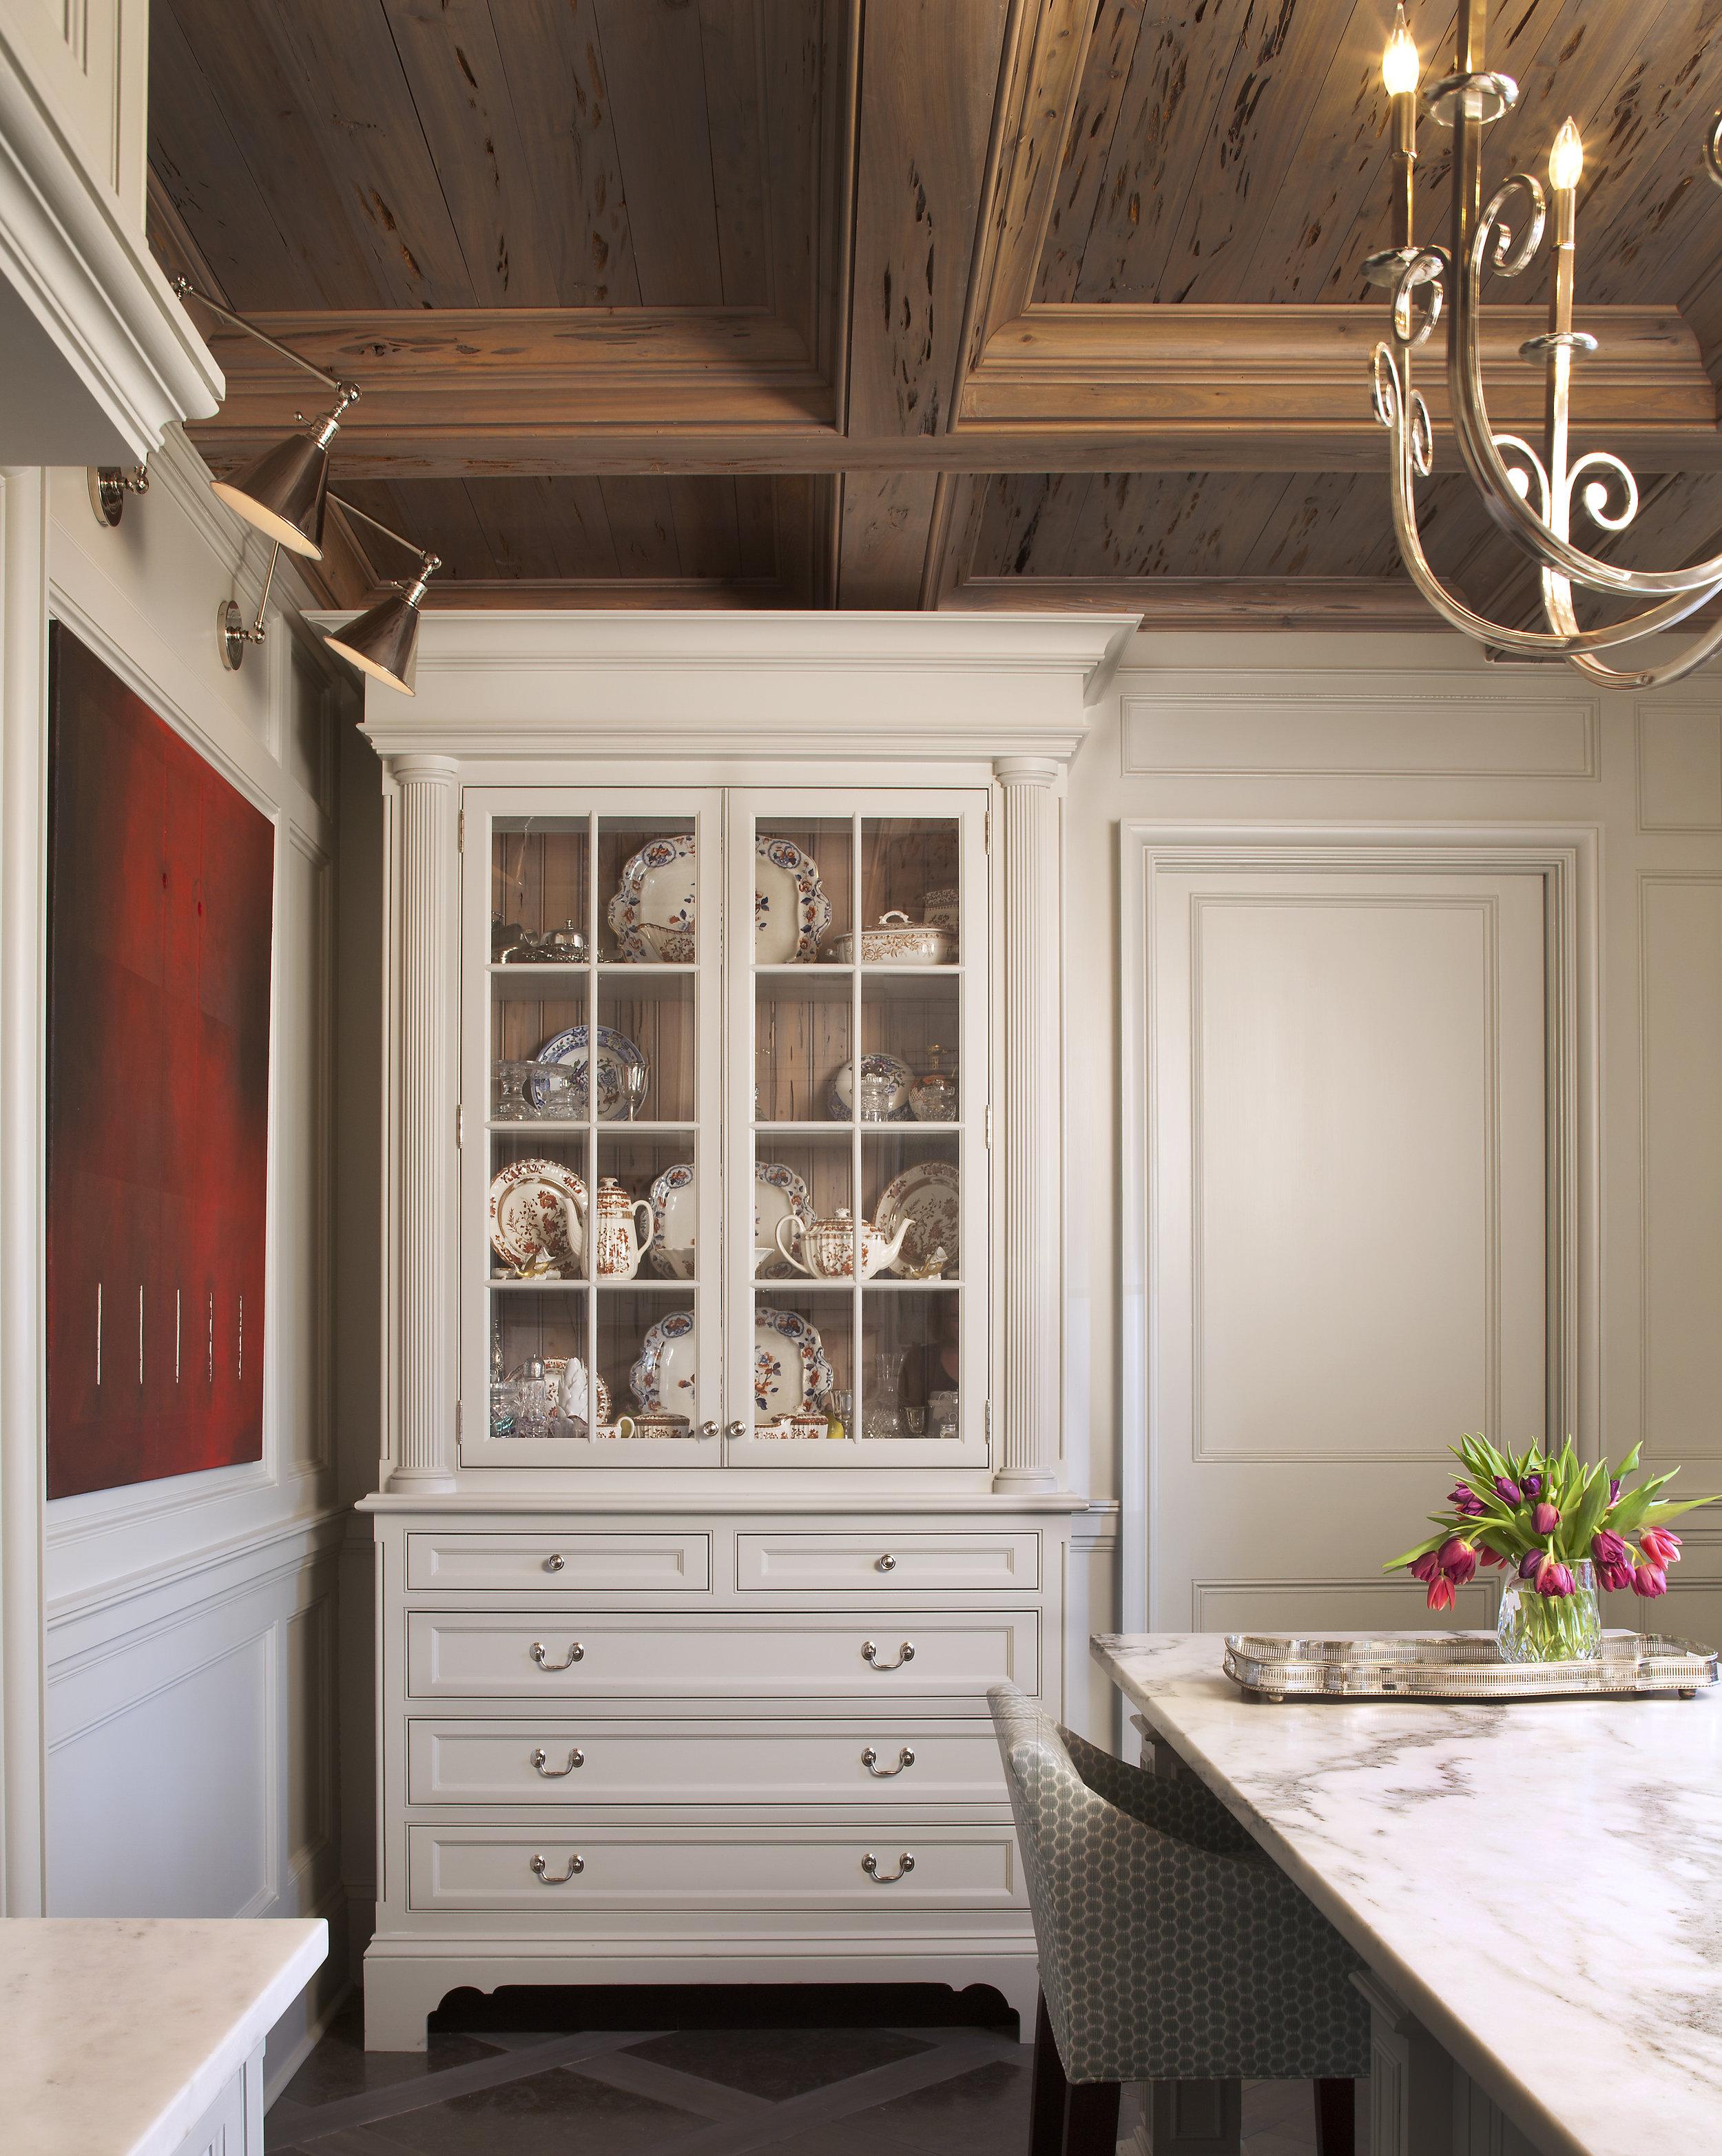 kitchen to butler pantry.jpg